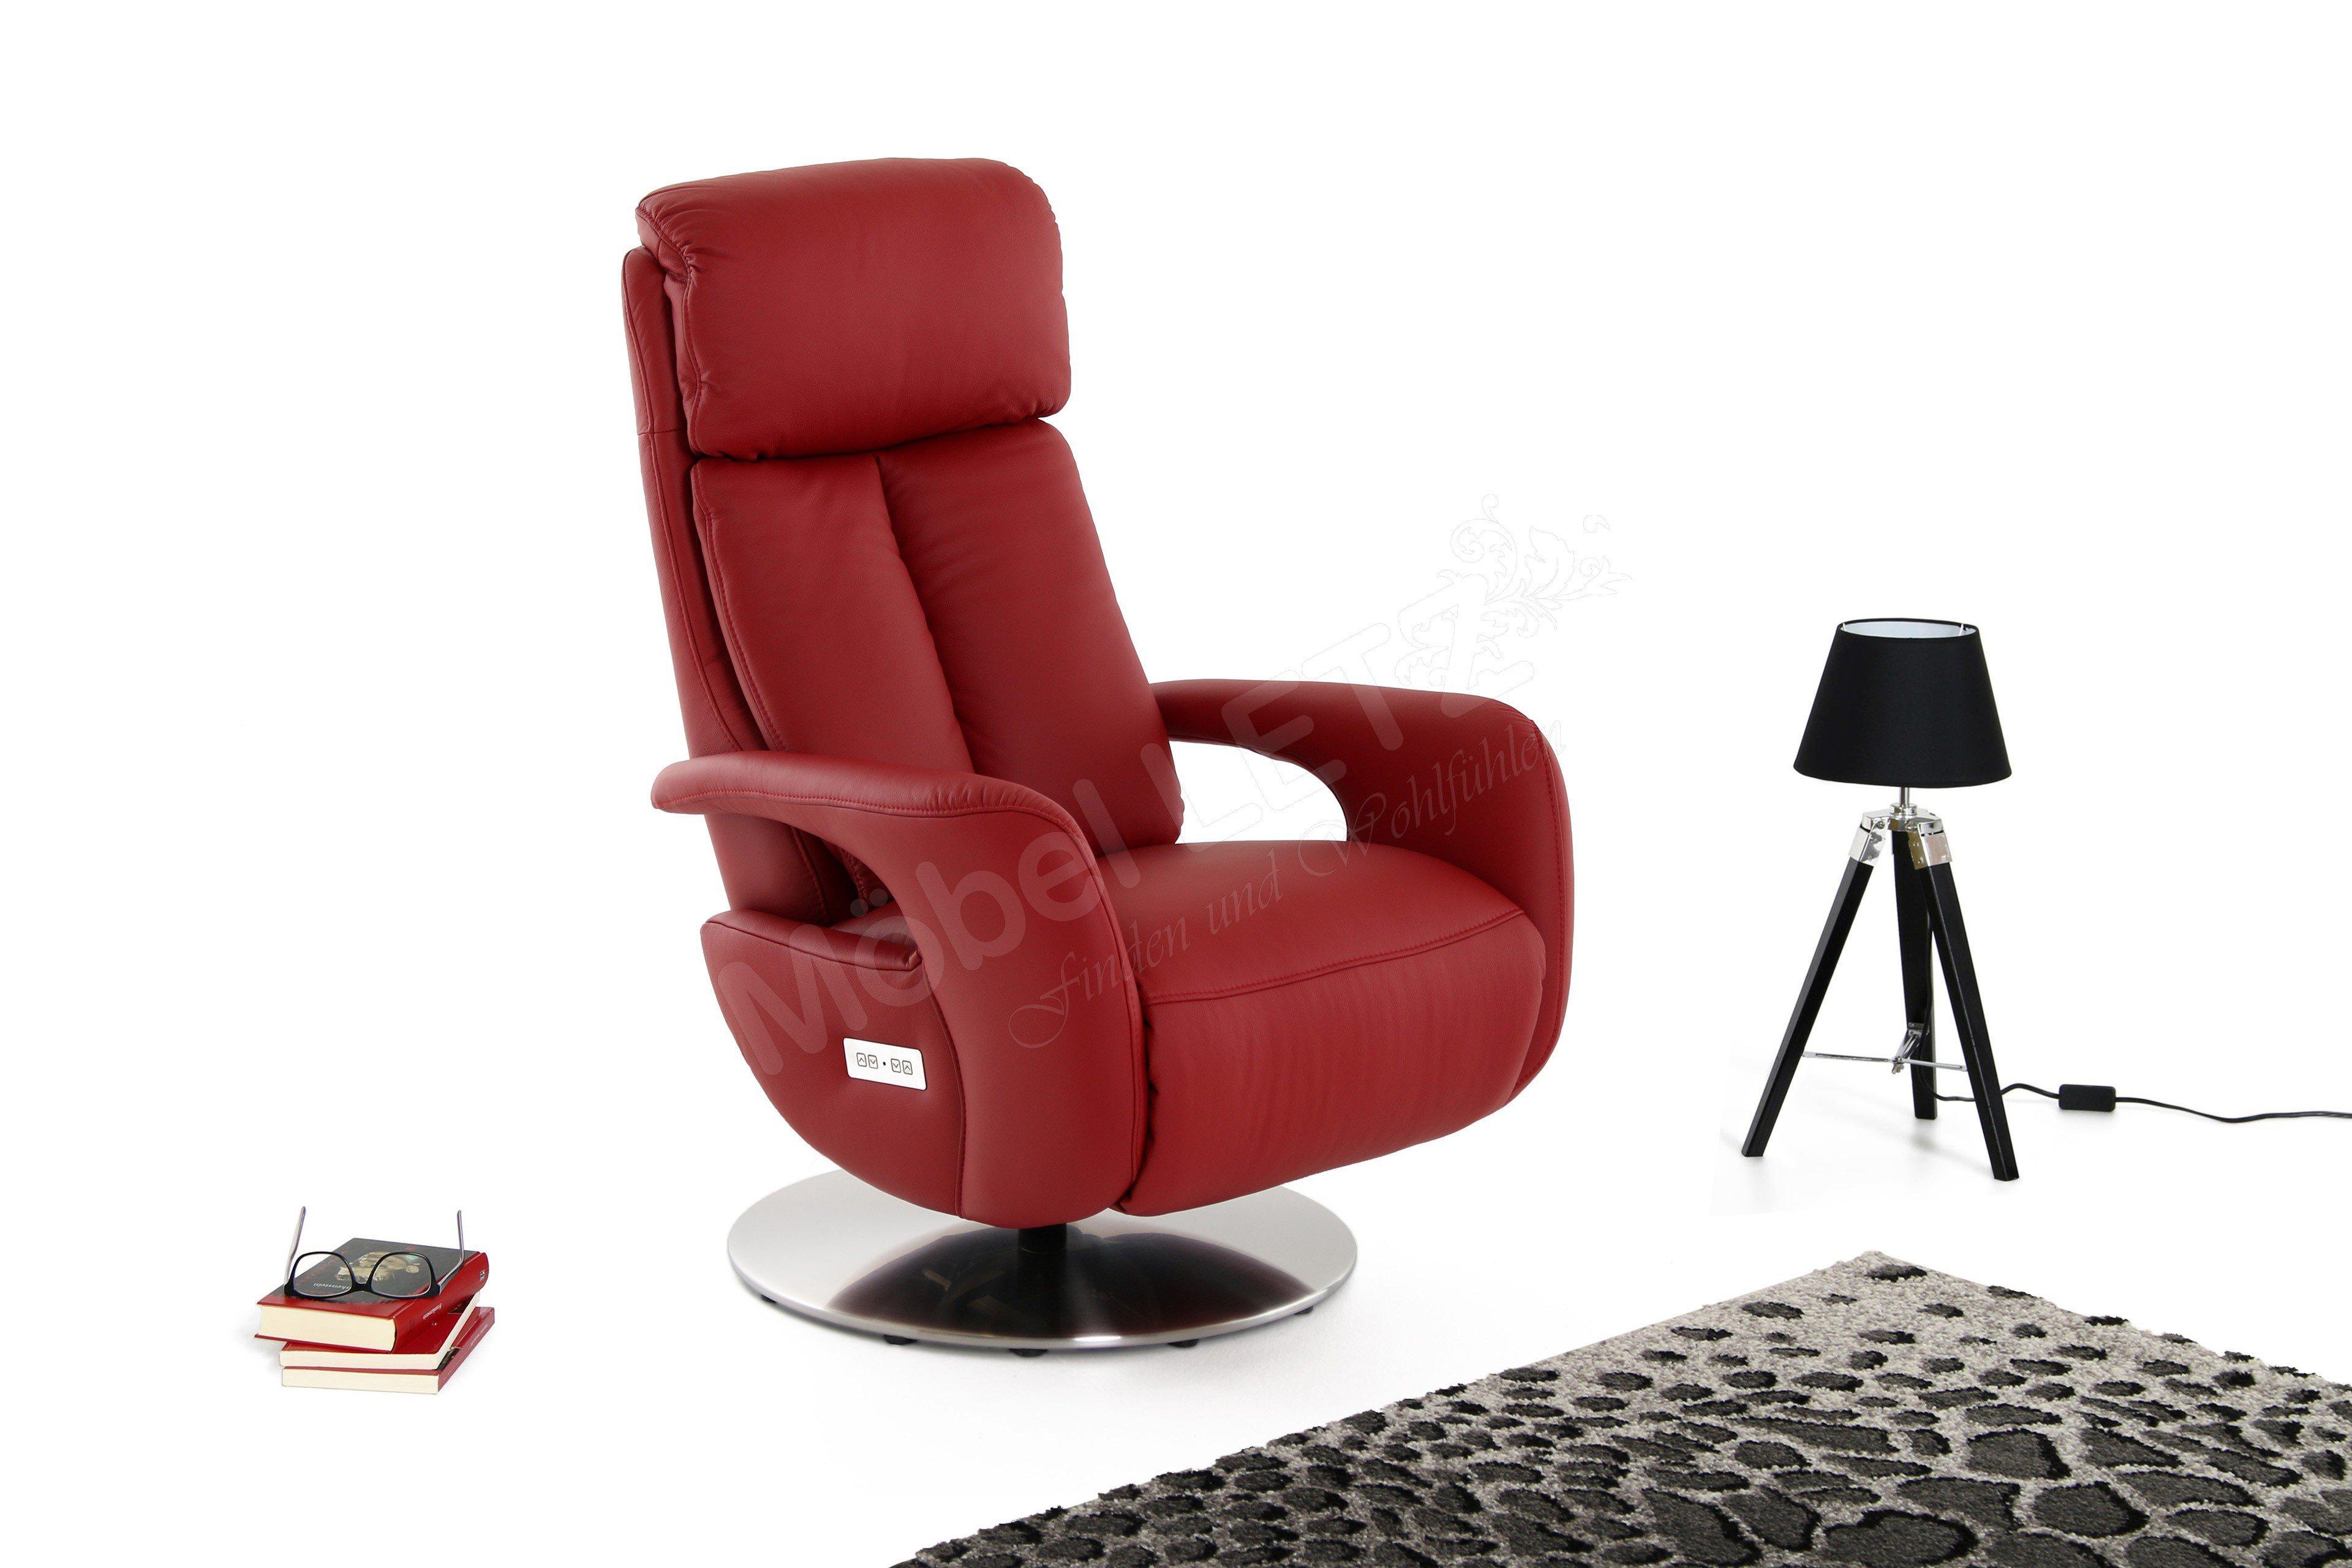 himolla sessel motor defekt. Black Bedroom Furniture Sets. Home Design Ideas